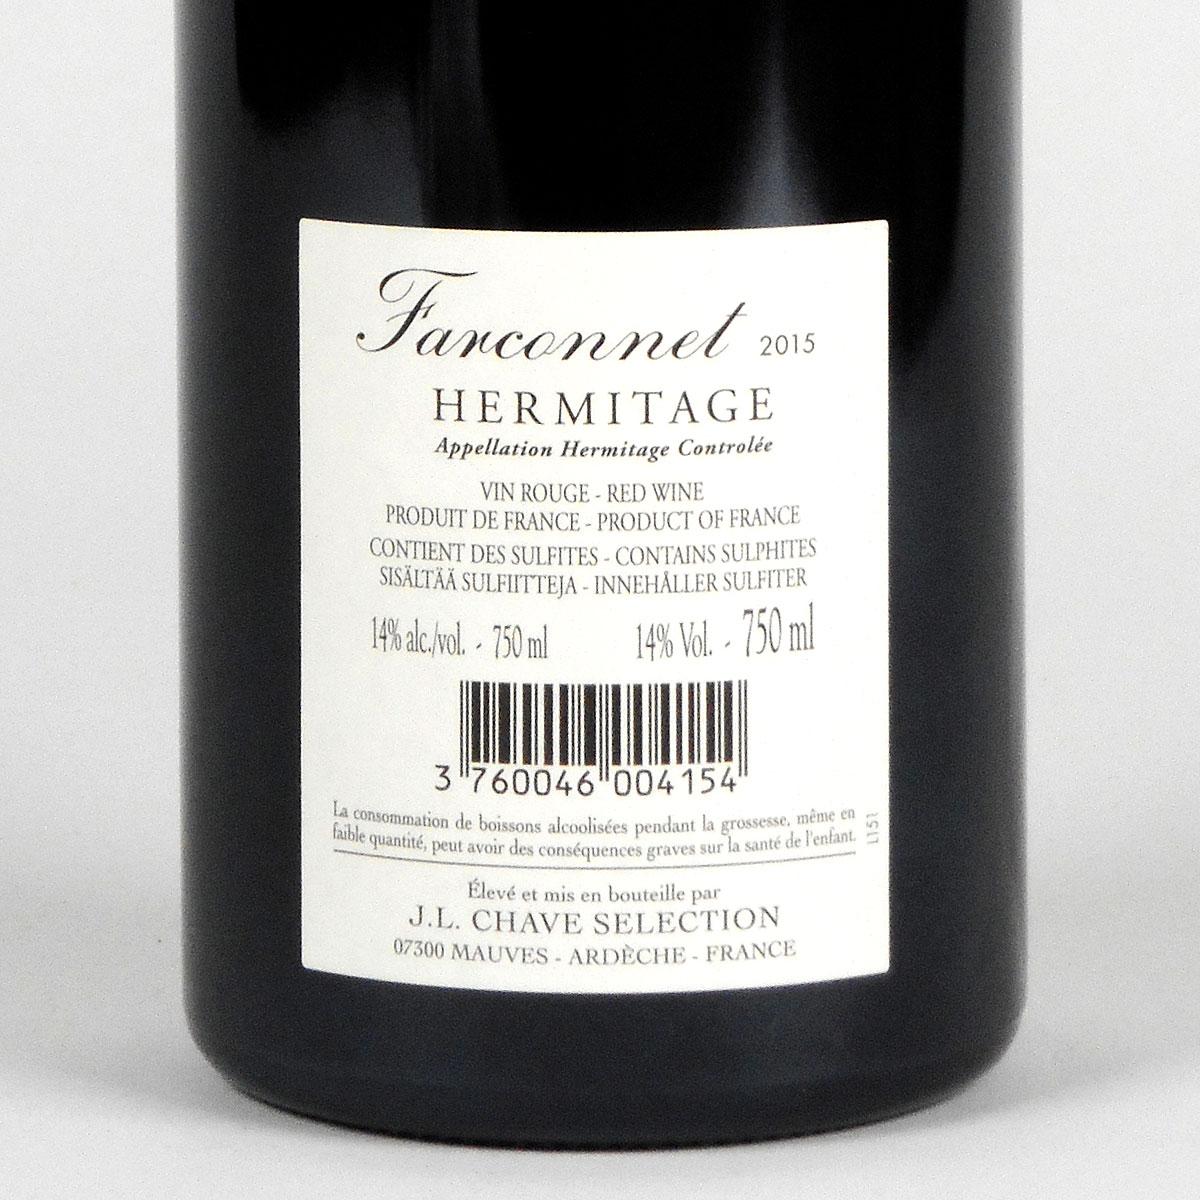 Hermitage: Jean-Louis Chave Sélection 'Farconnet' Rouge 2015 - Rear Label